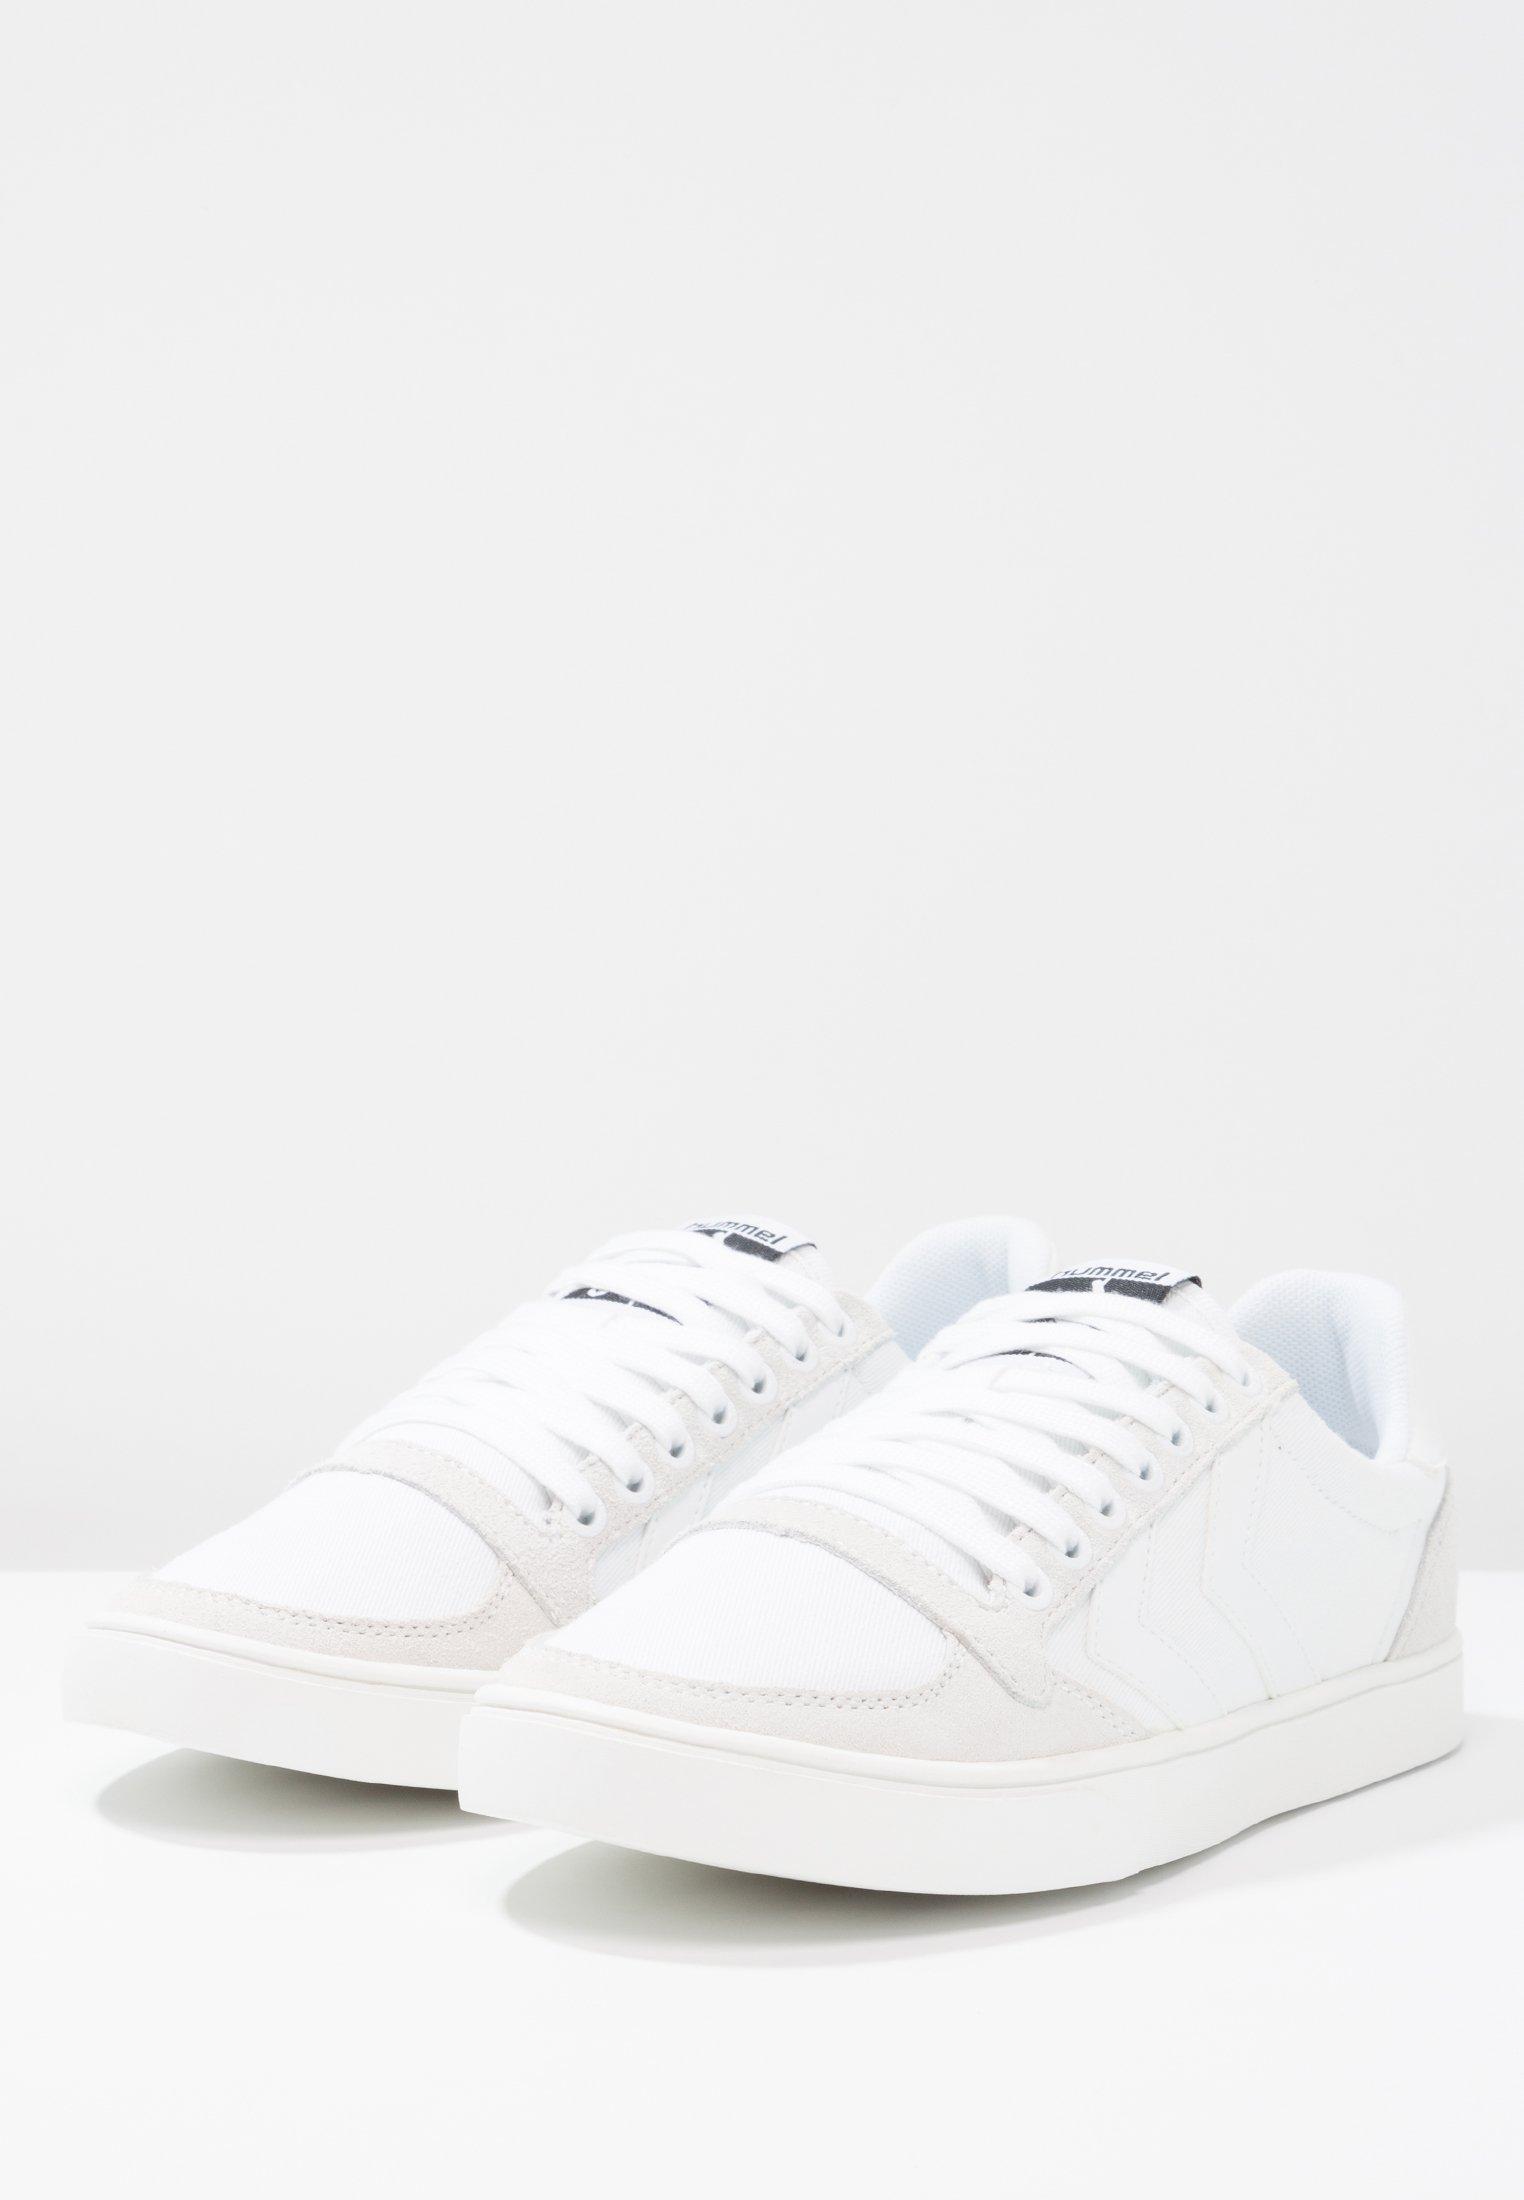 Hummel Slimmer Stadil Tonal Low - Sneaker White Black Friday